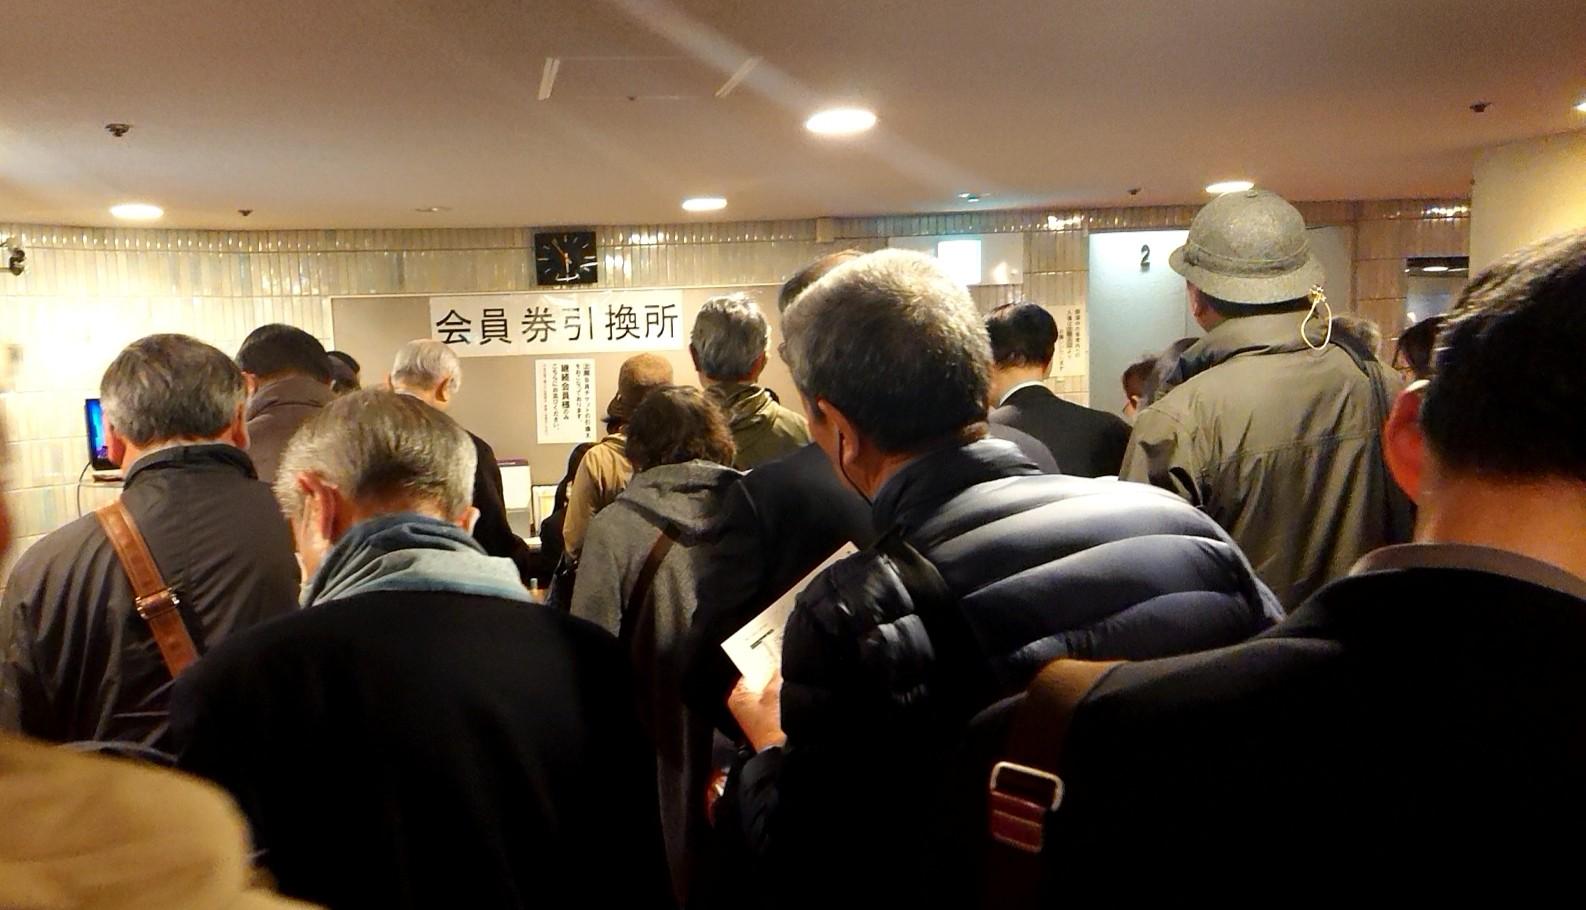 東京落語会のチケット